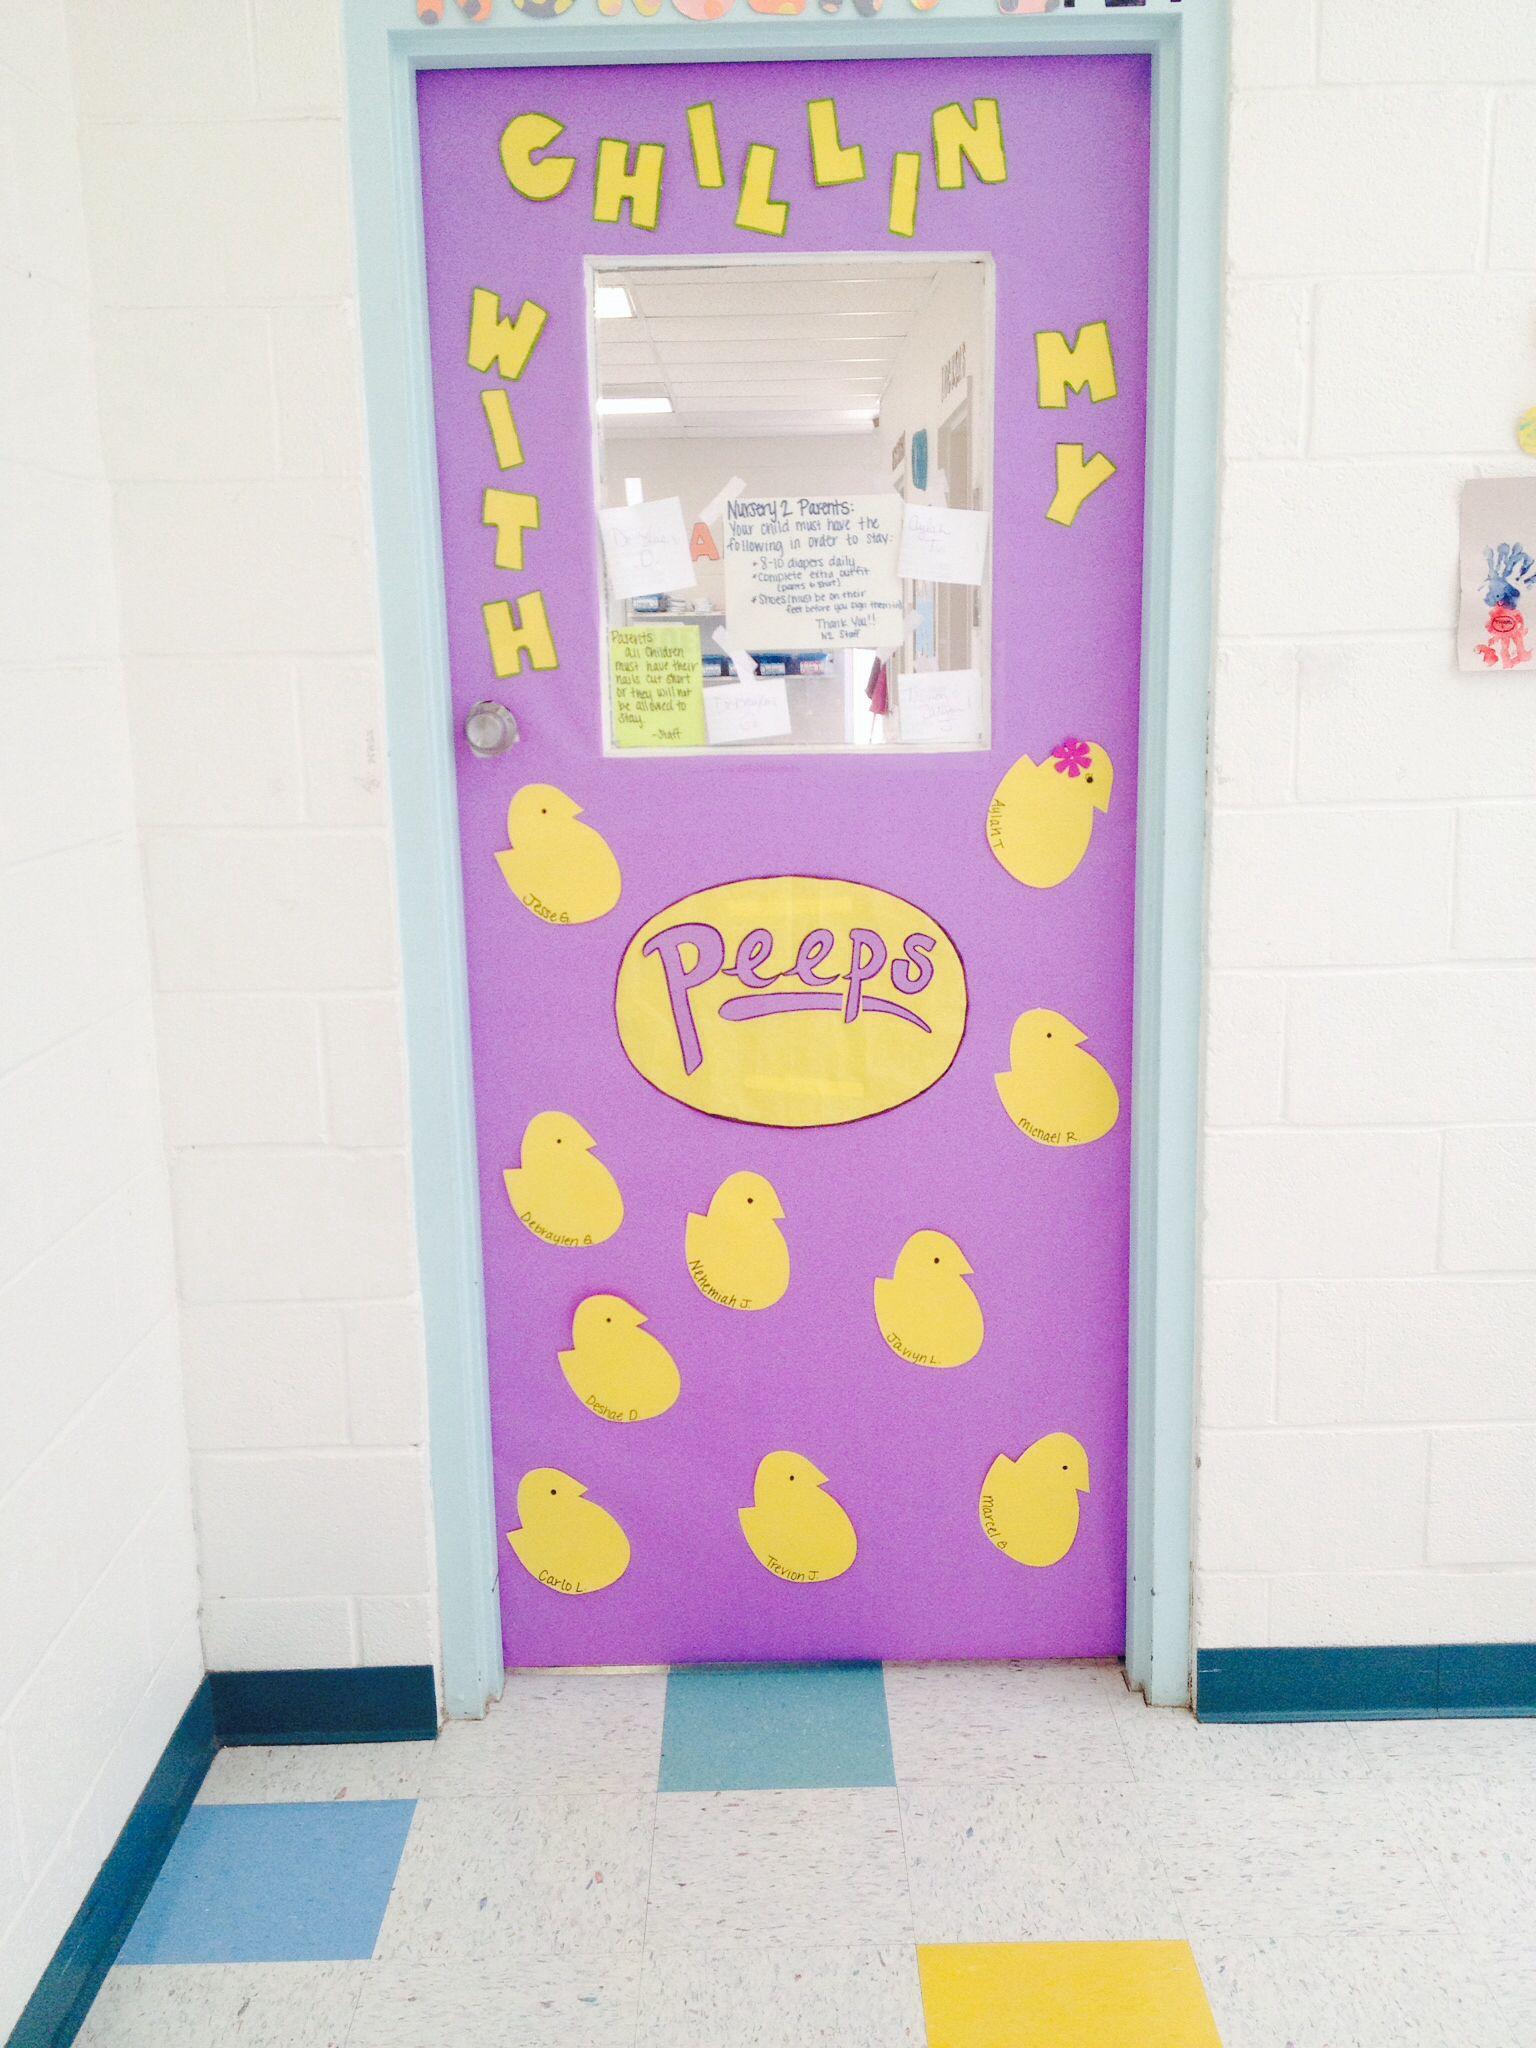 Best dr seuss images on pinterest clroom door ideas diy for Idea door activity days